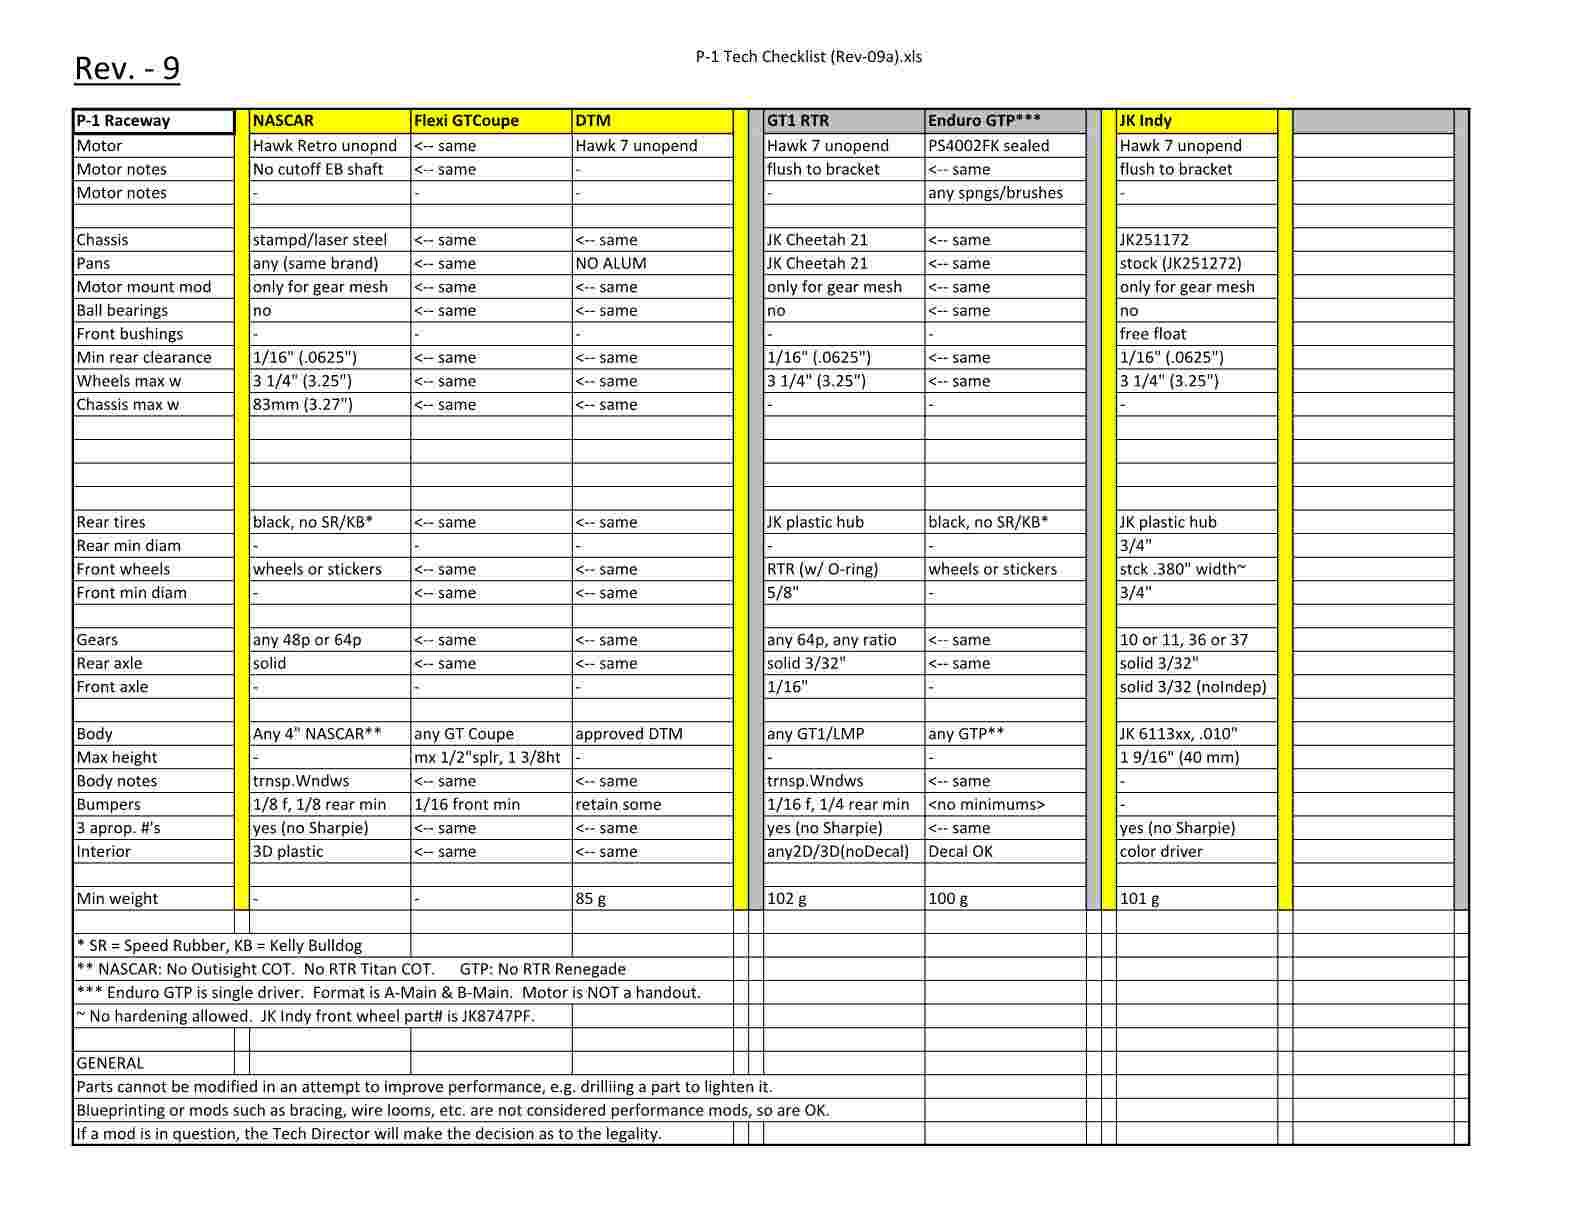 P-1 Tech Checklist (Rev-09a)1.jpg